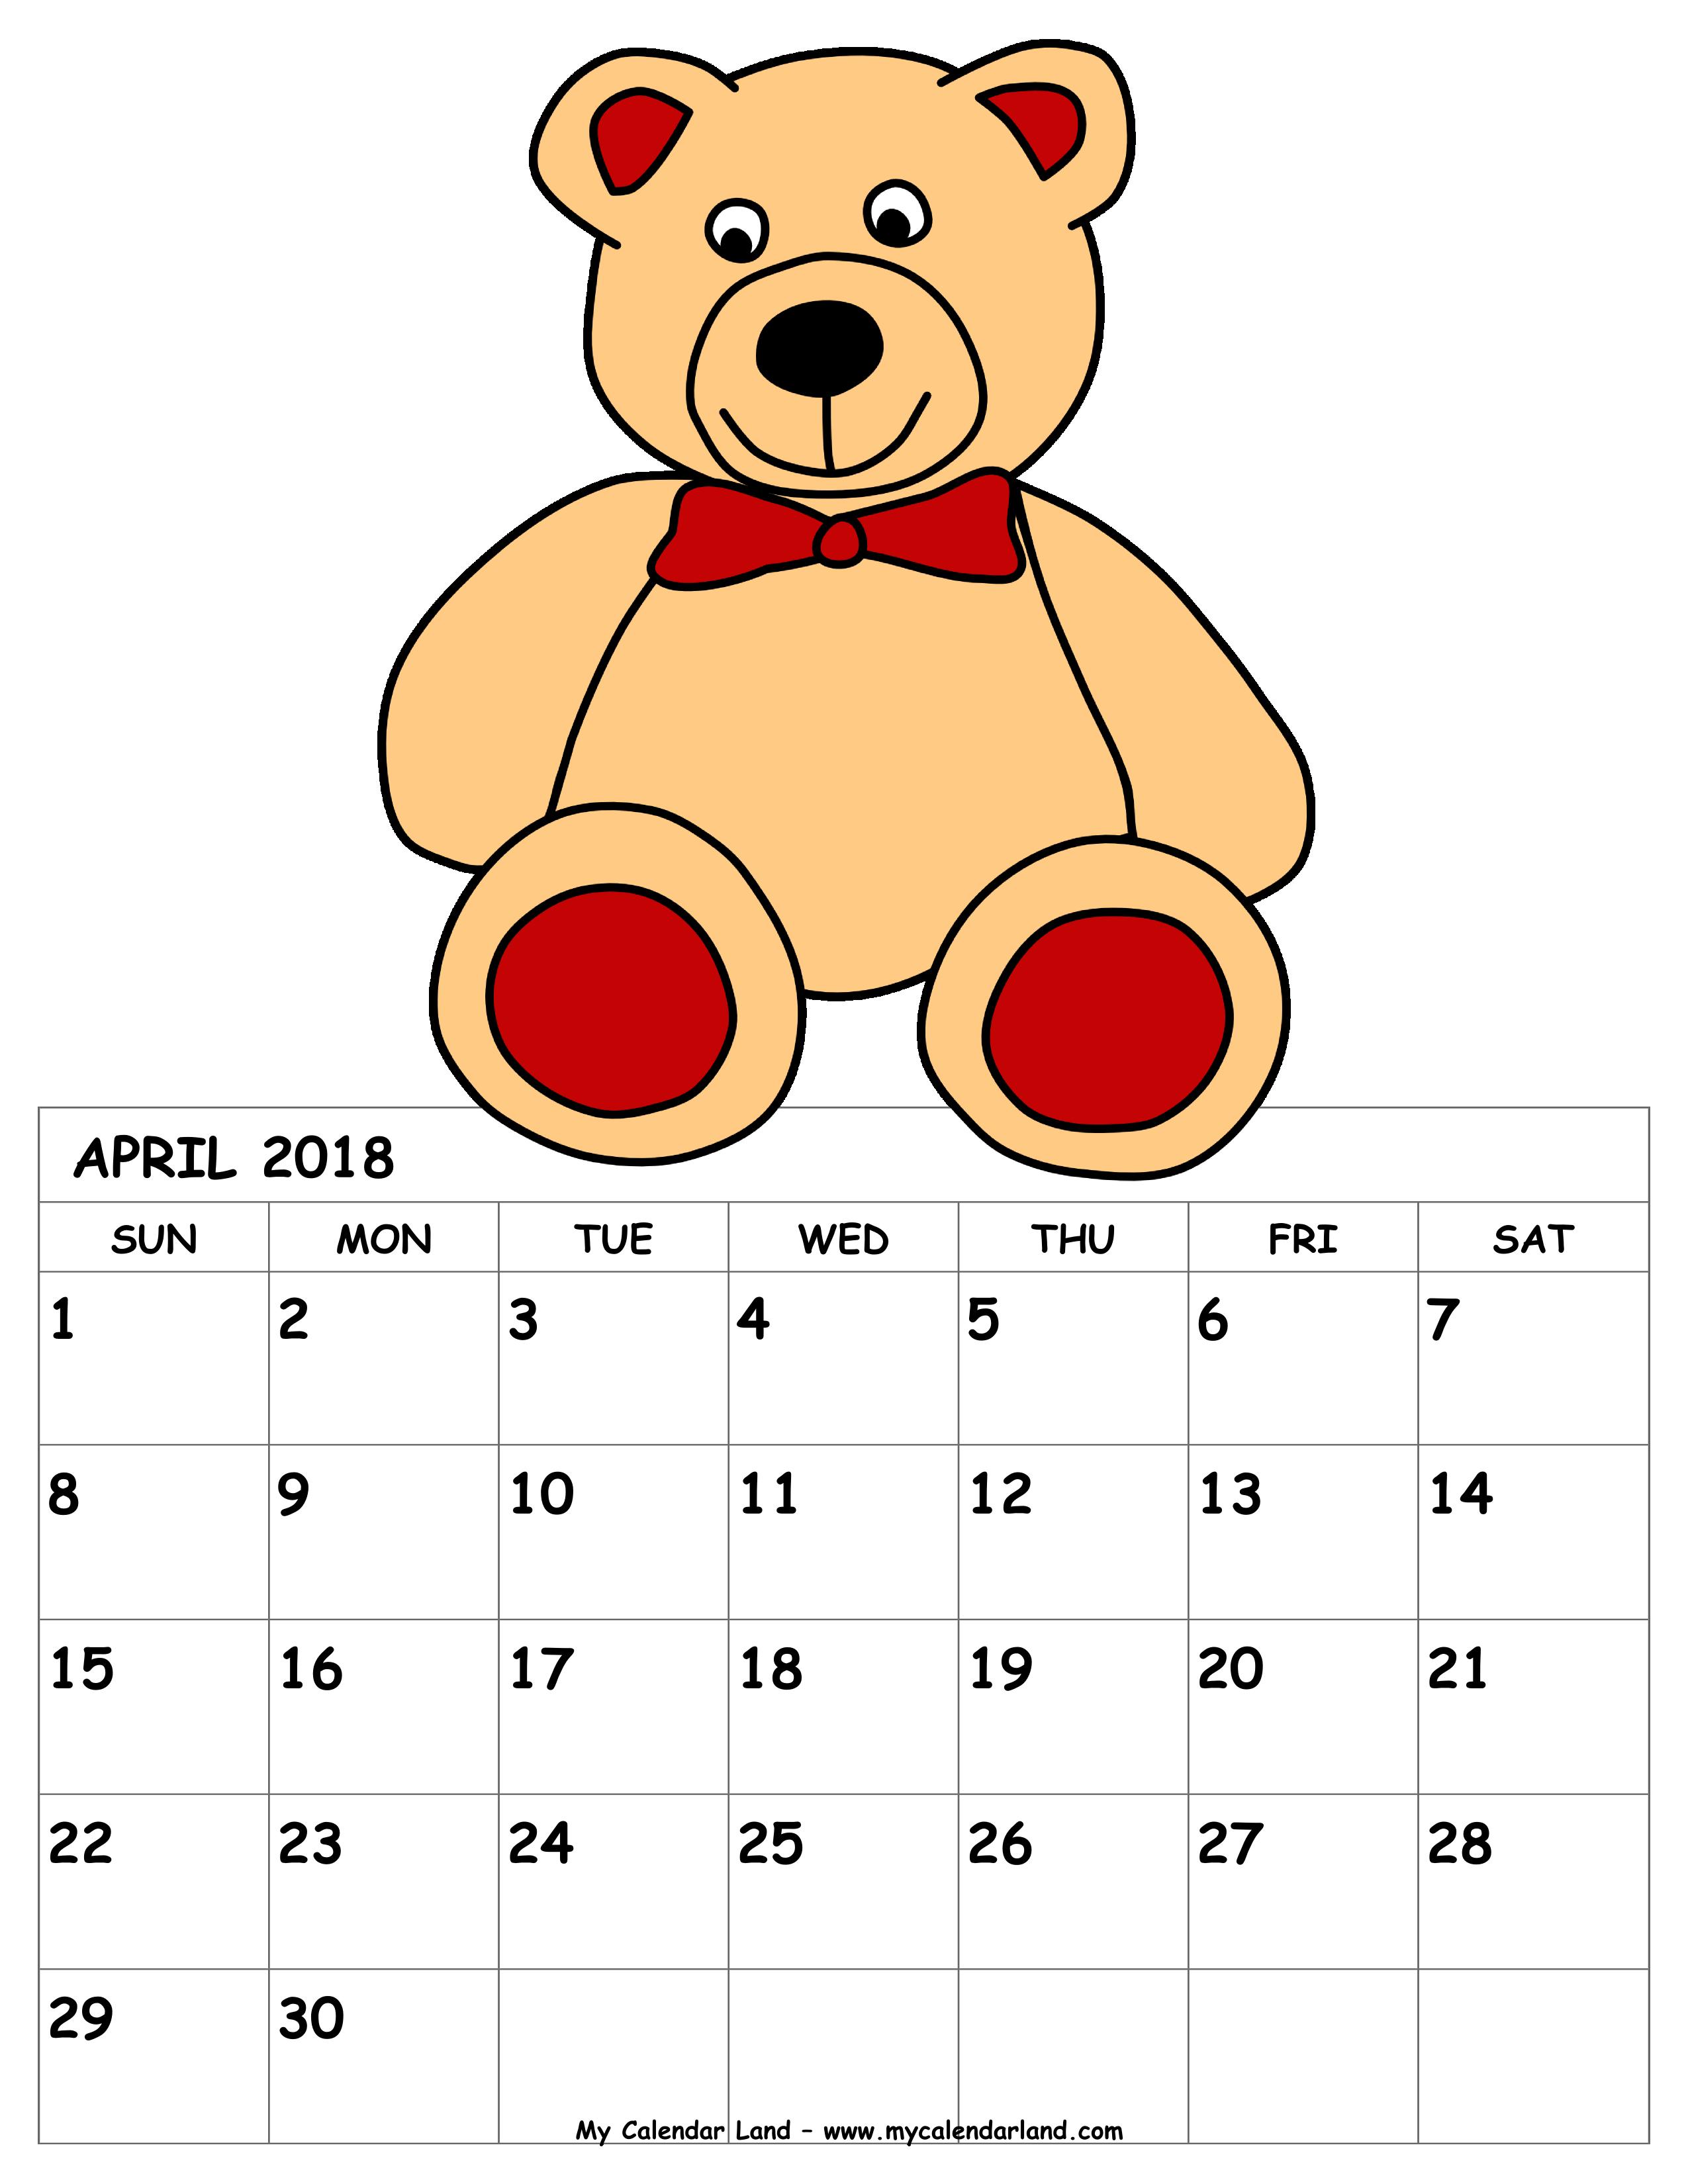 Calendar april clipart vector library download April 2018 Calendar - My Calendar Land vector library download